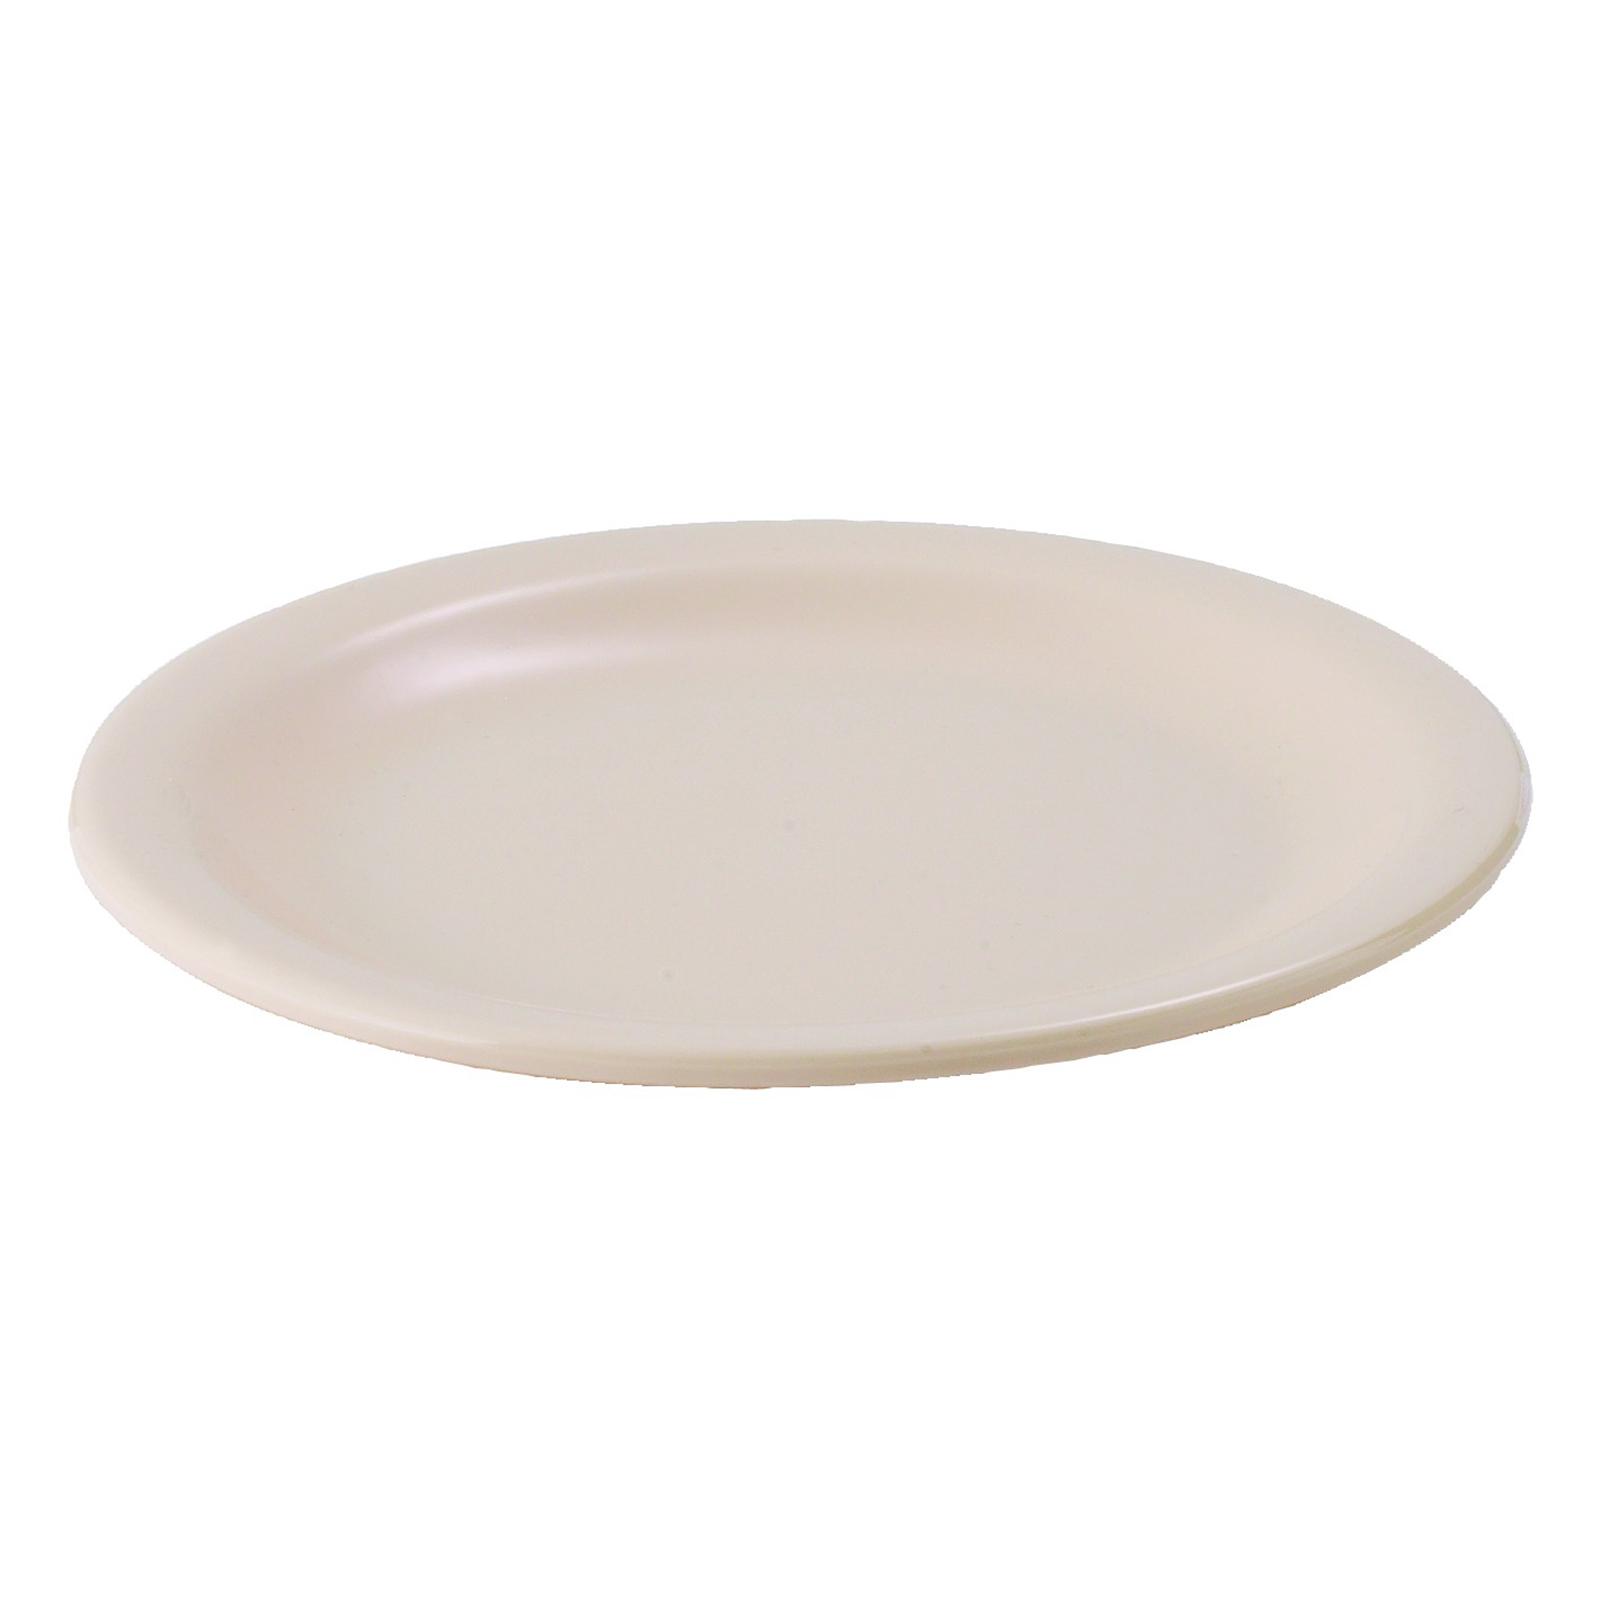 Winco MMPR-6 plate, plastic